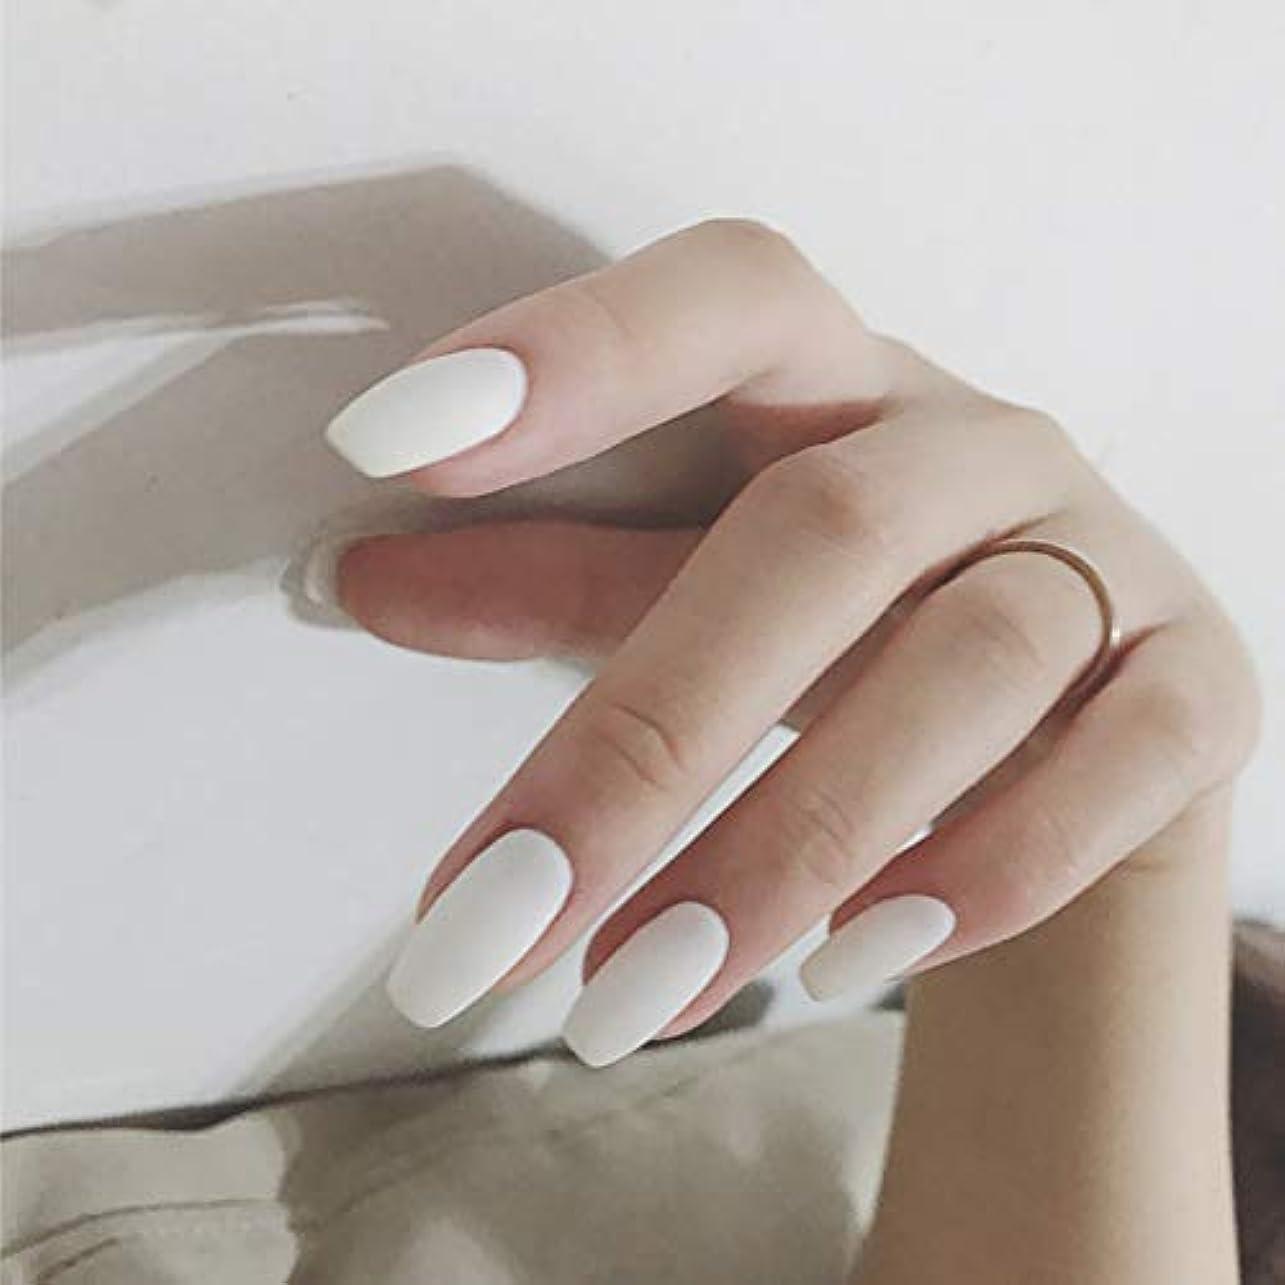 精神ペルセウスメディアins 人気のスタイル 24pcs ホワイト つや消しショート ネイルチップ 可愛い優雅ネイル 無地ネイルチップ バレエのネイル 長いスタイル